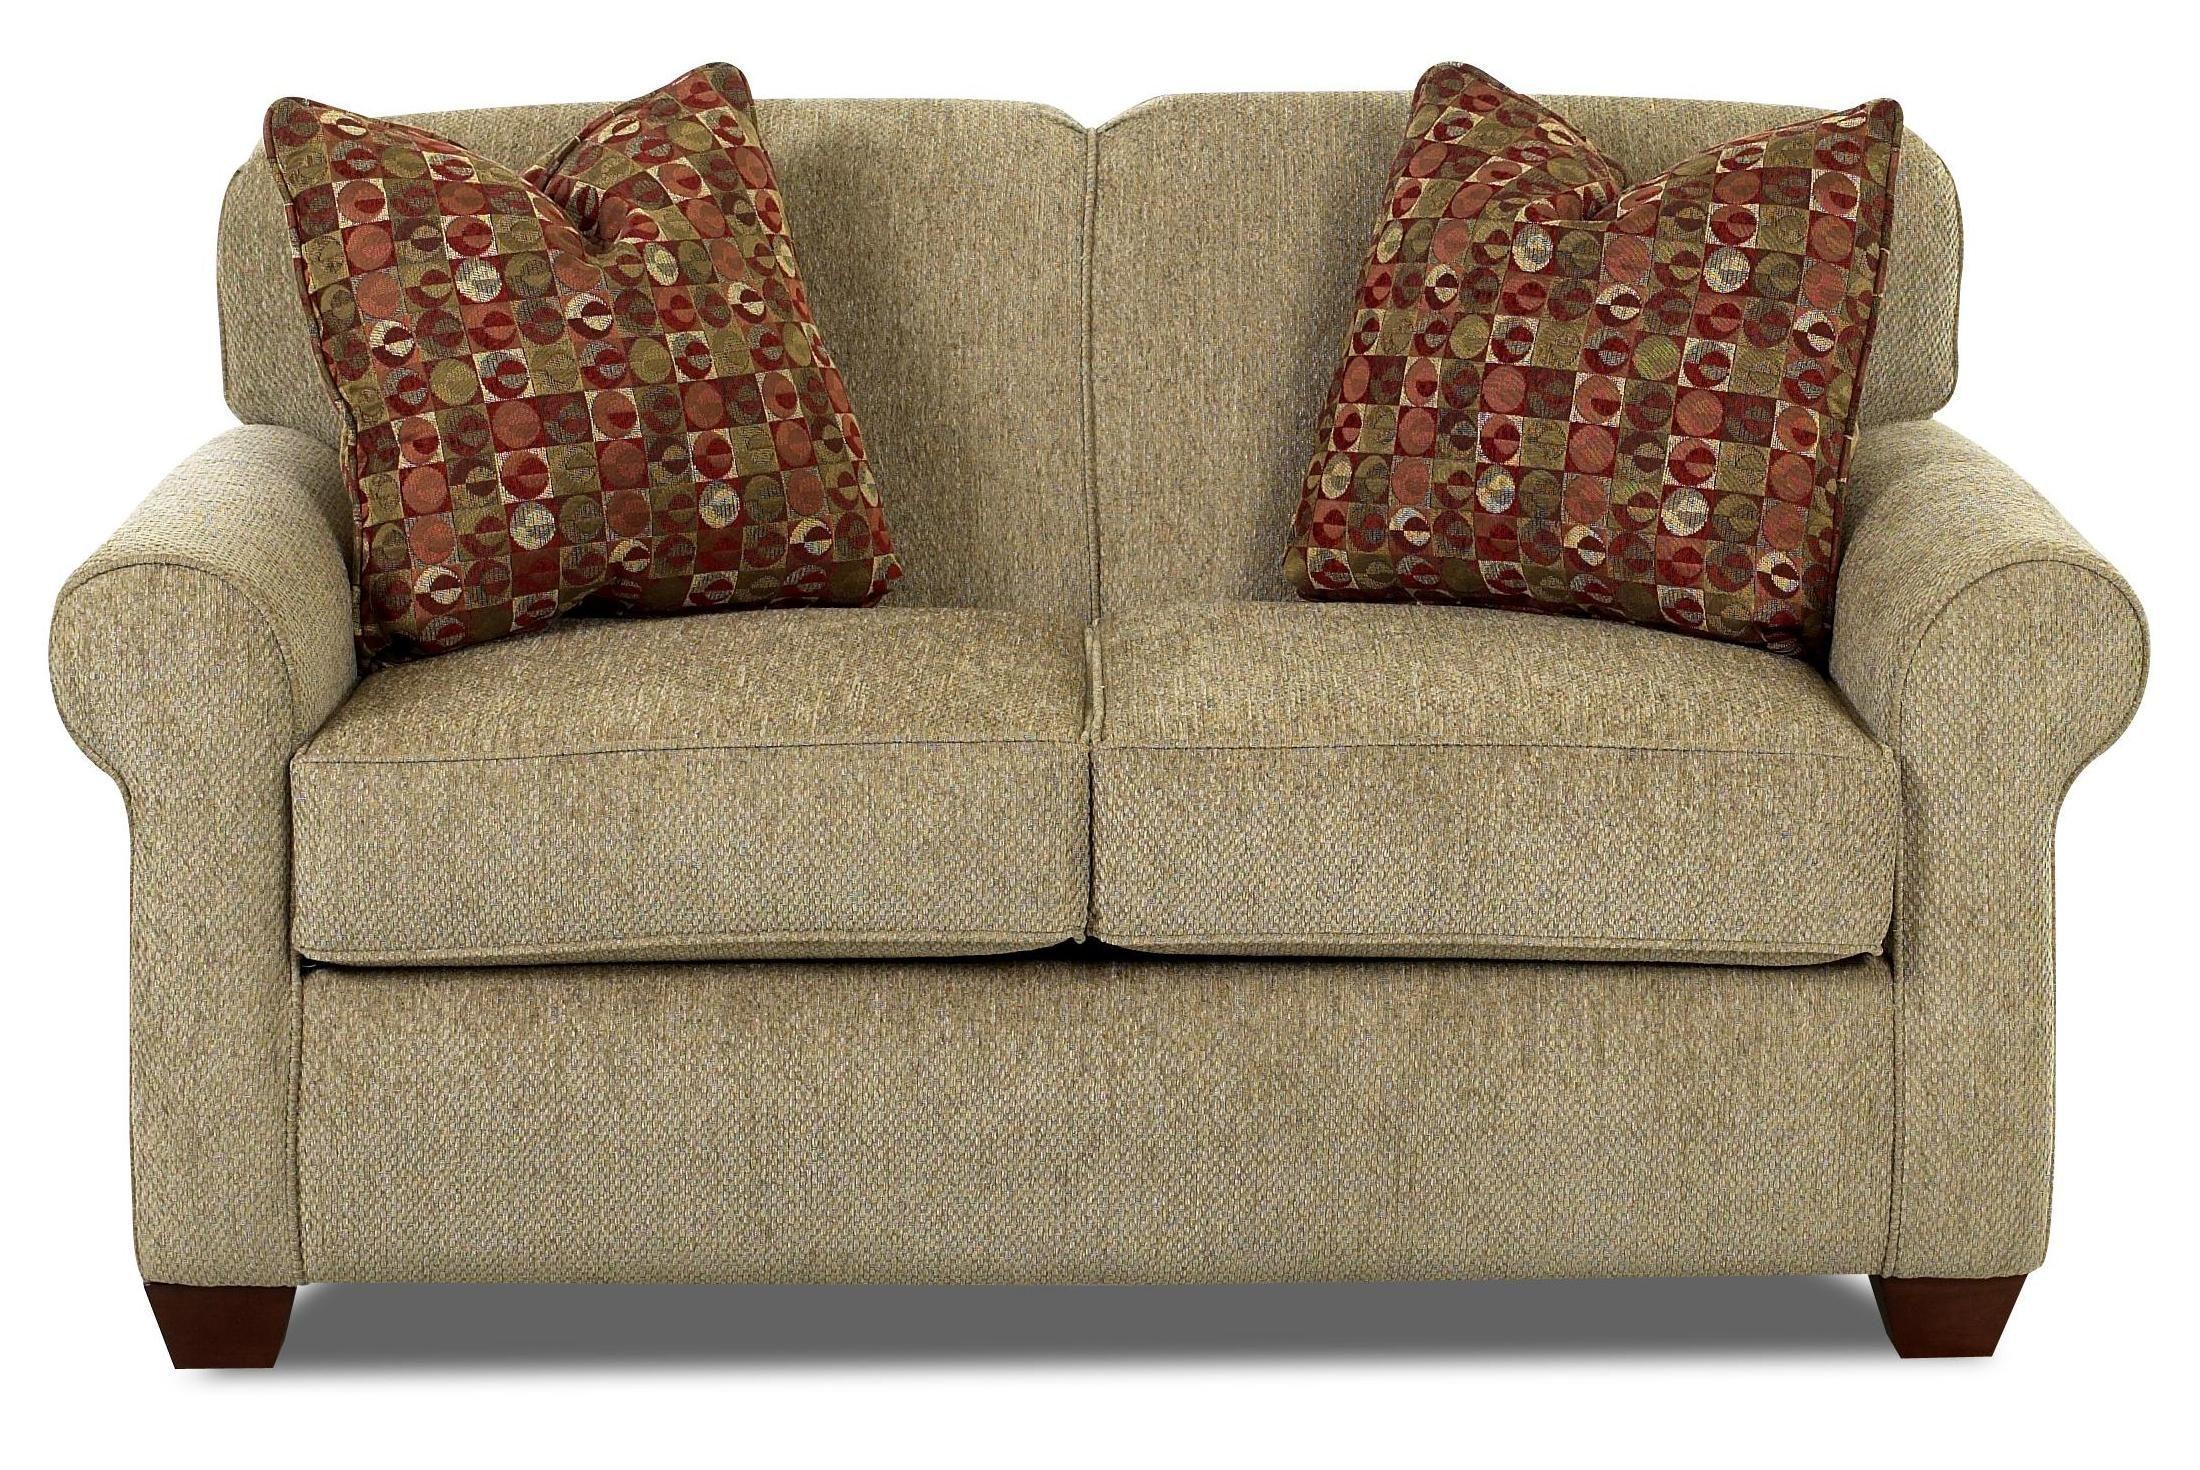 Mayhew Oversized Twin Sleeper Chair von Klaussner – bingefashion.com/dekor